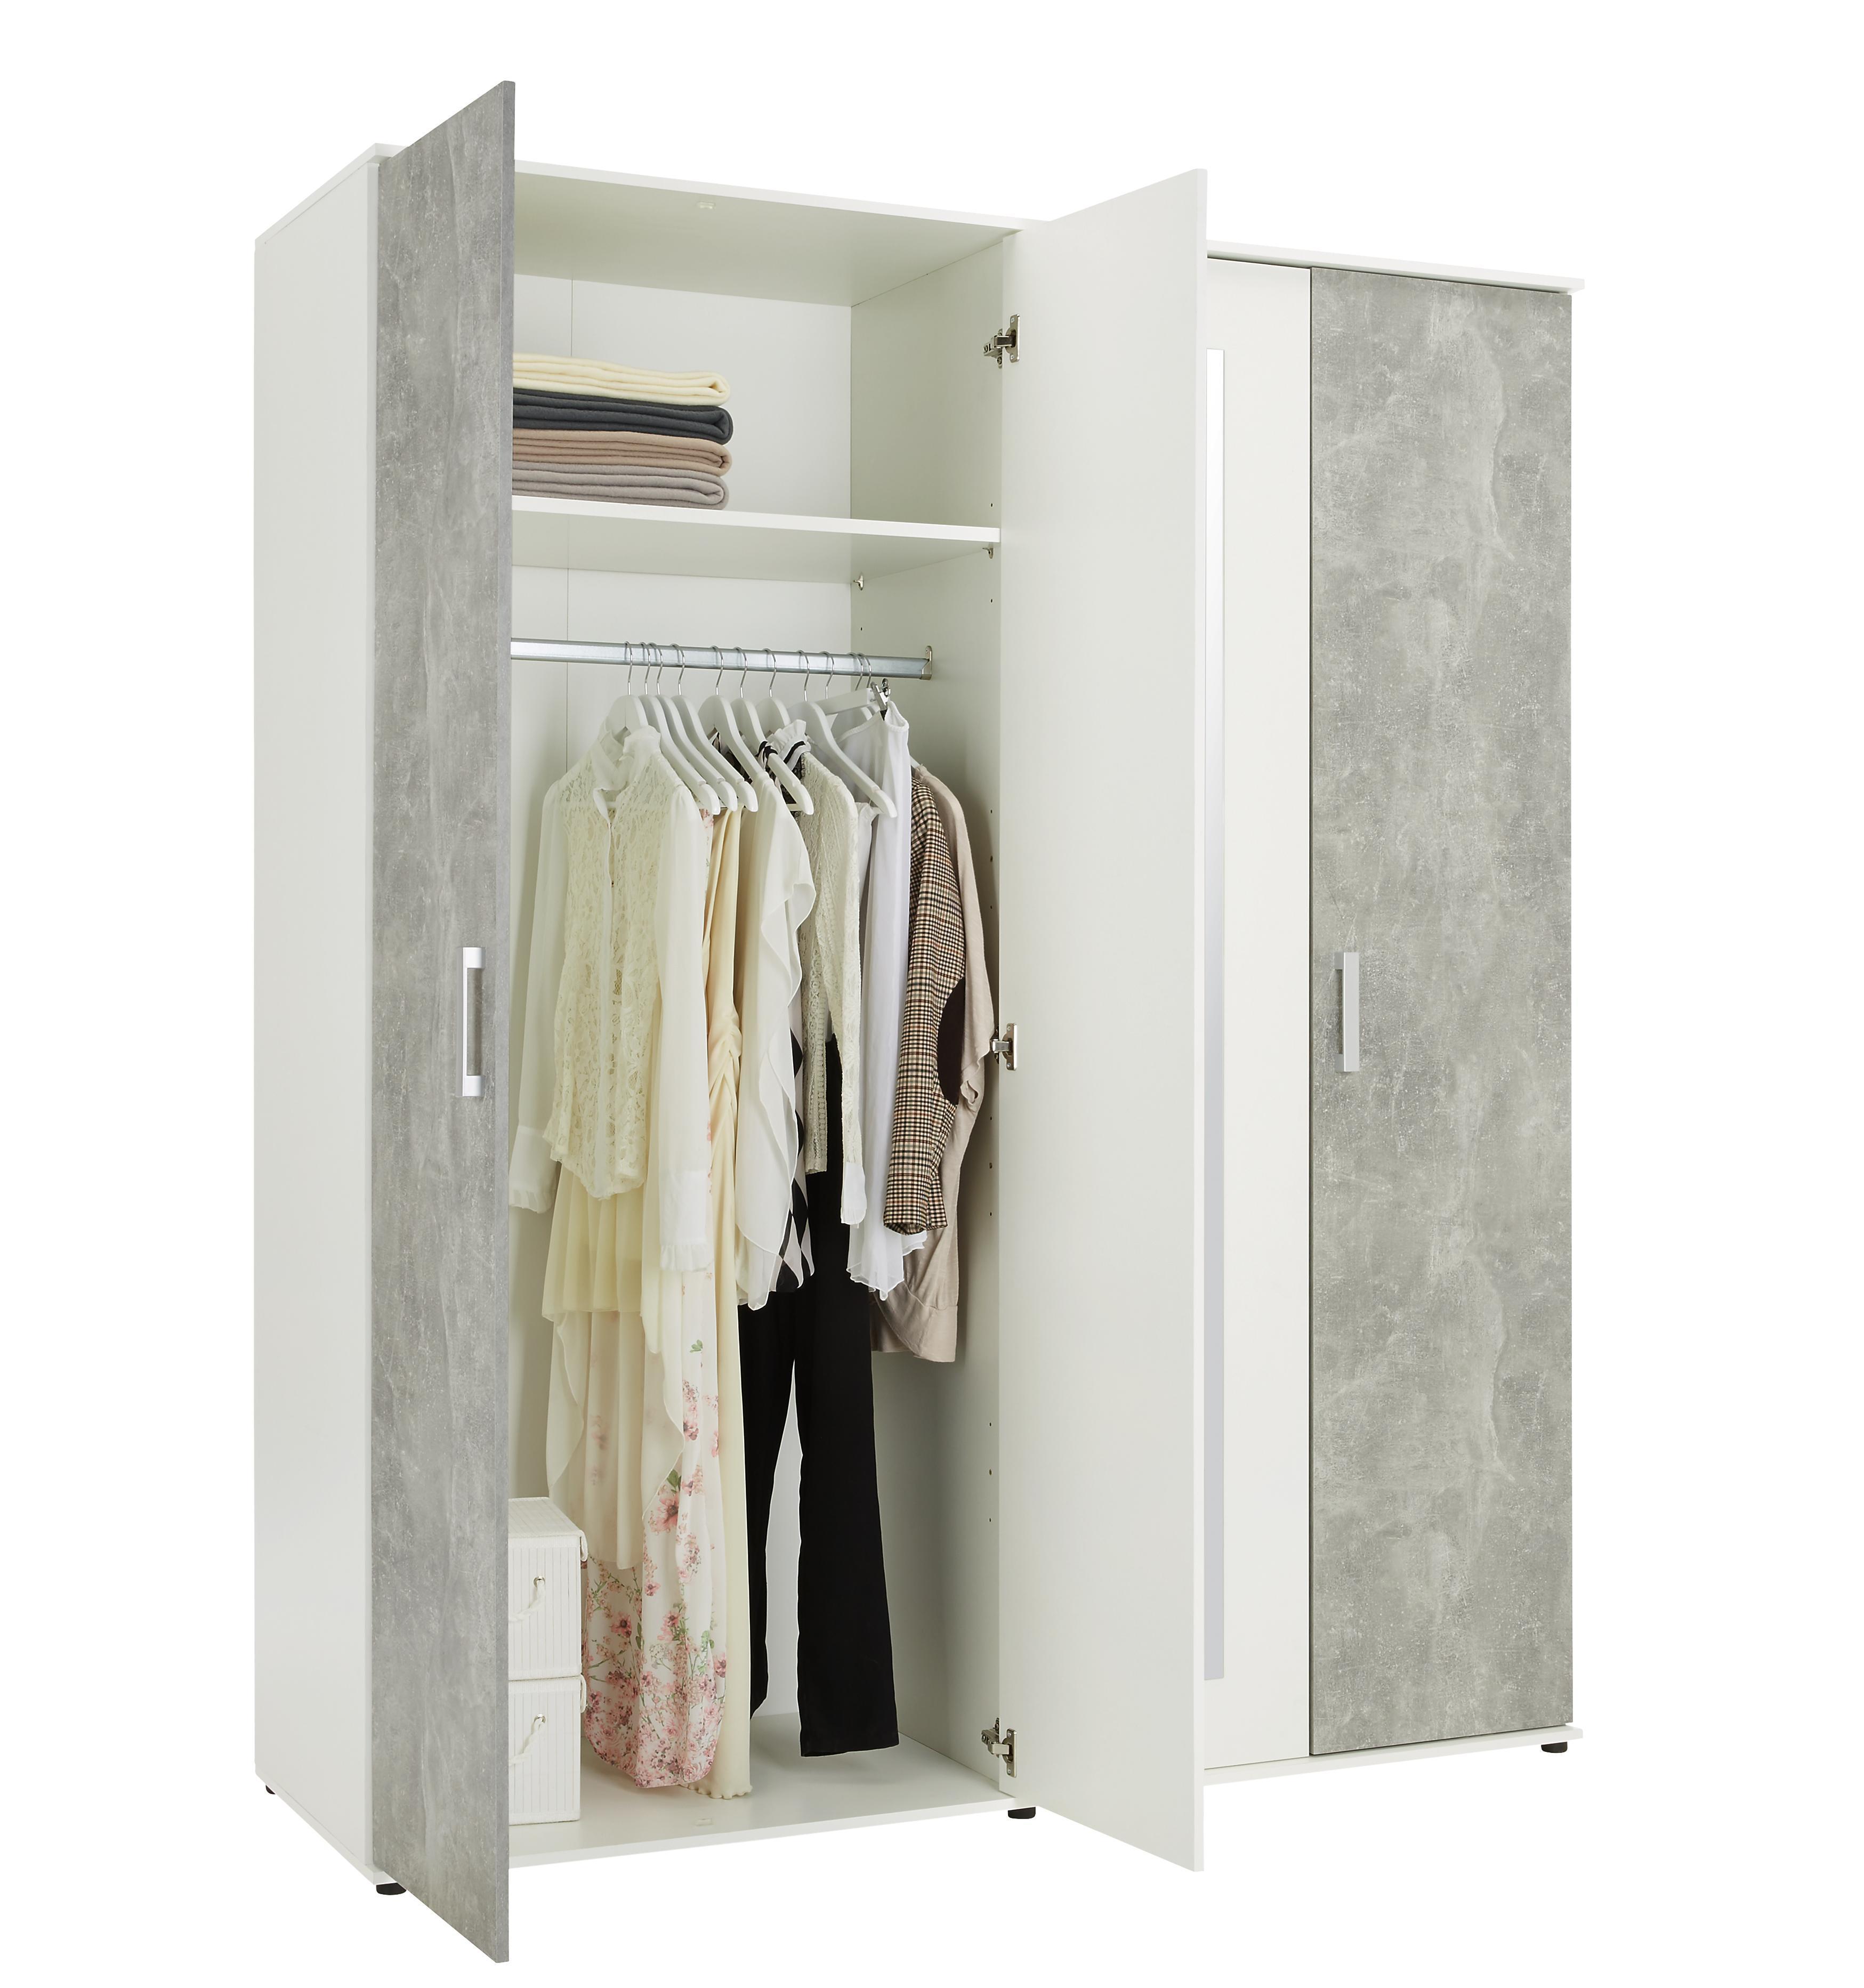 Blickfang Kleiderschrank 1 Meter Breit Beste Wahl